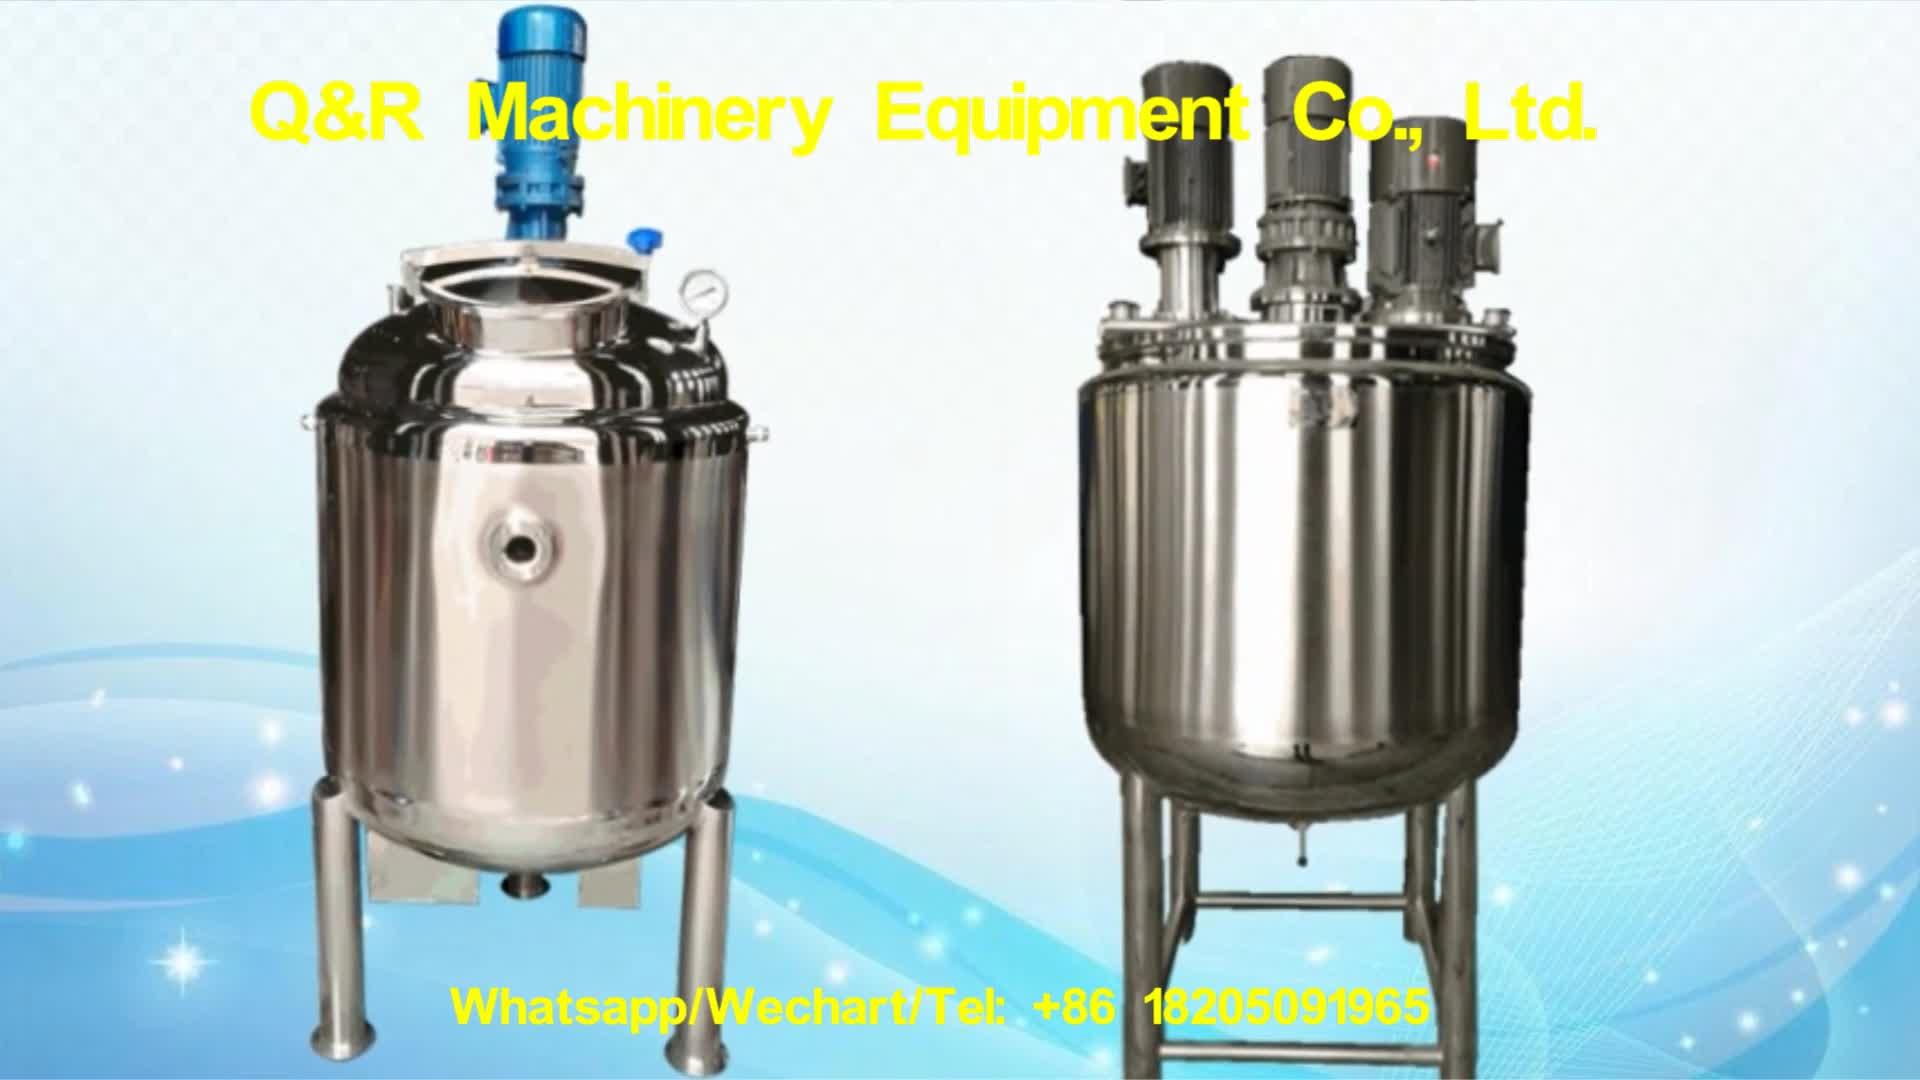 二重ジャケット蒸気加熱シロップミキサー機器、シロップ混合タンク